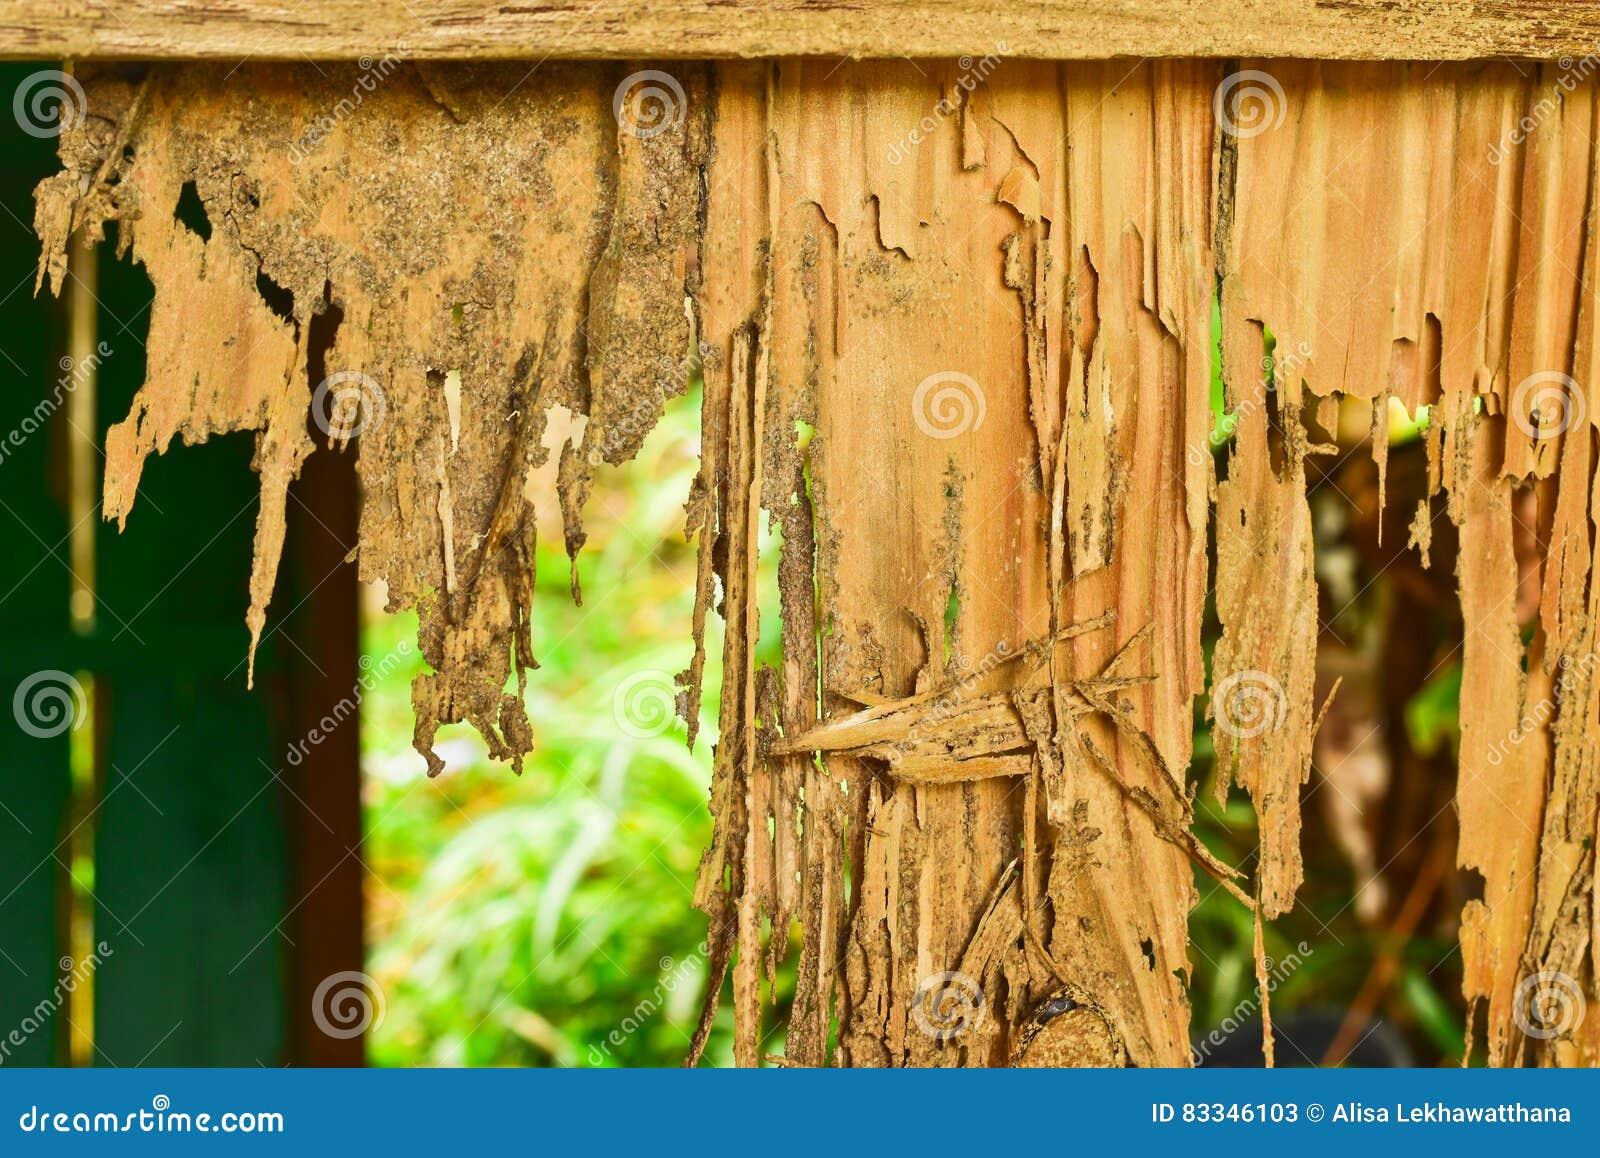 Sluit omhoog een deel van een houten bederf